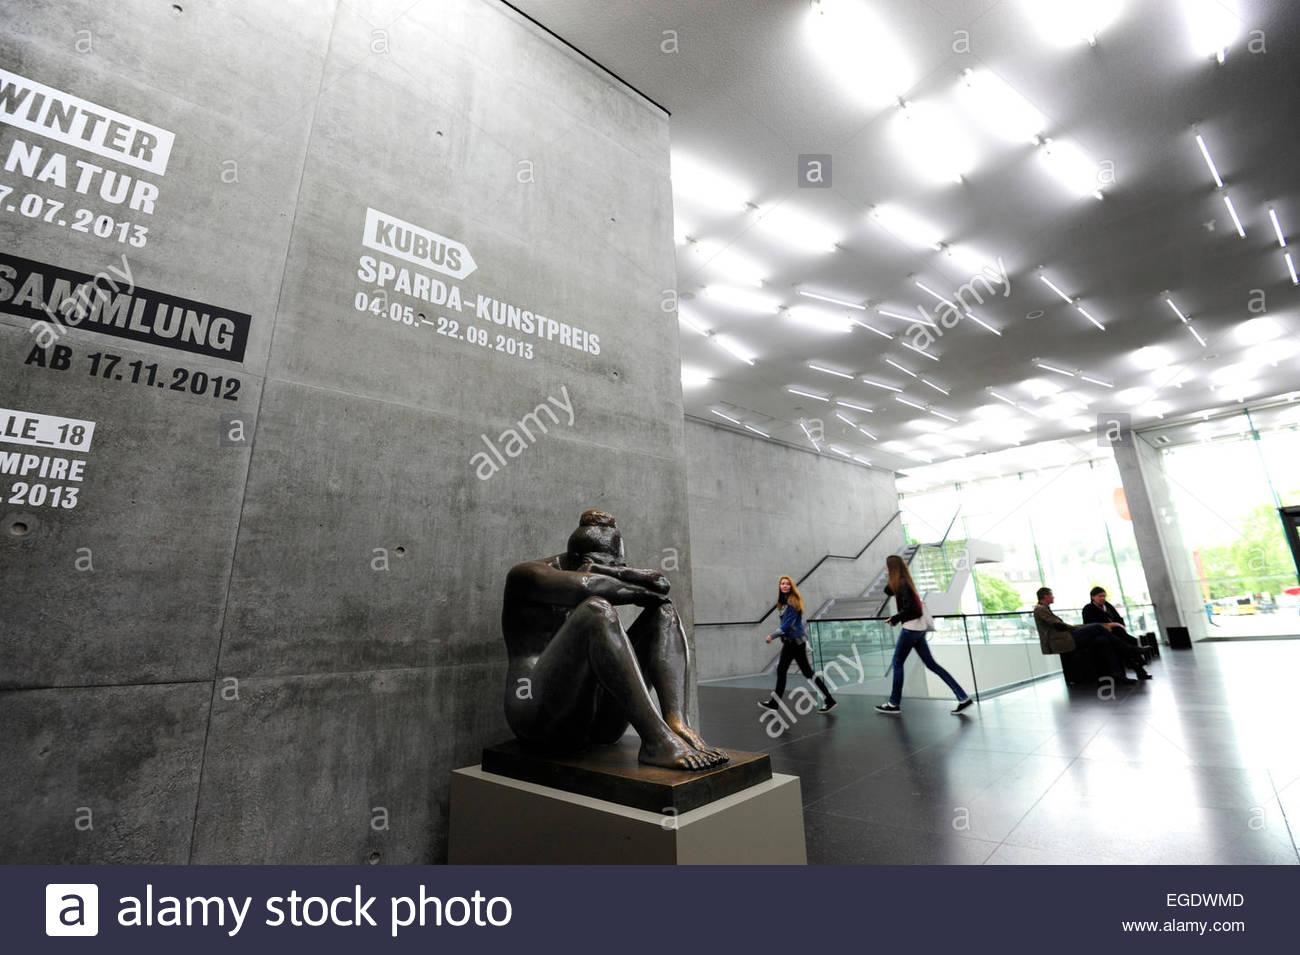 Sculpture in the foyer of the kunstmuseum stuttgart, modern stock ...